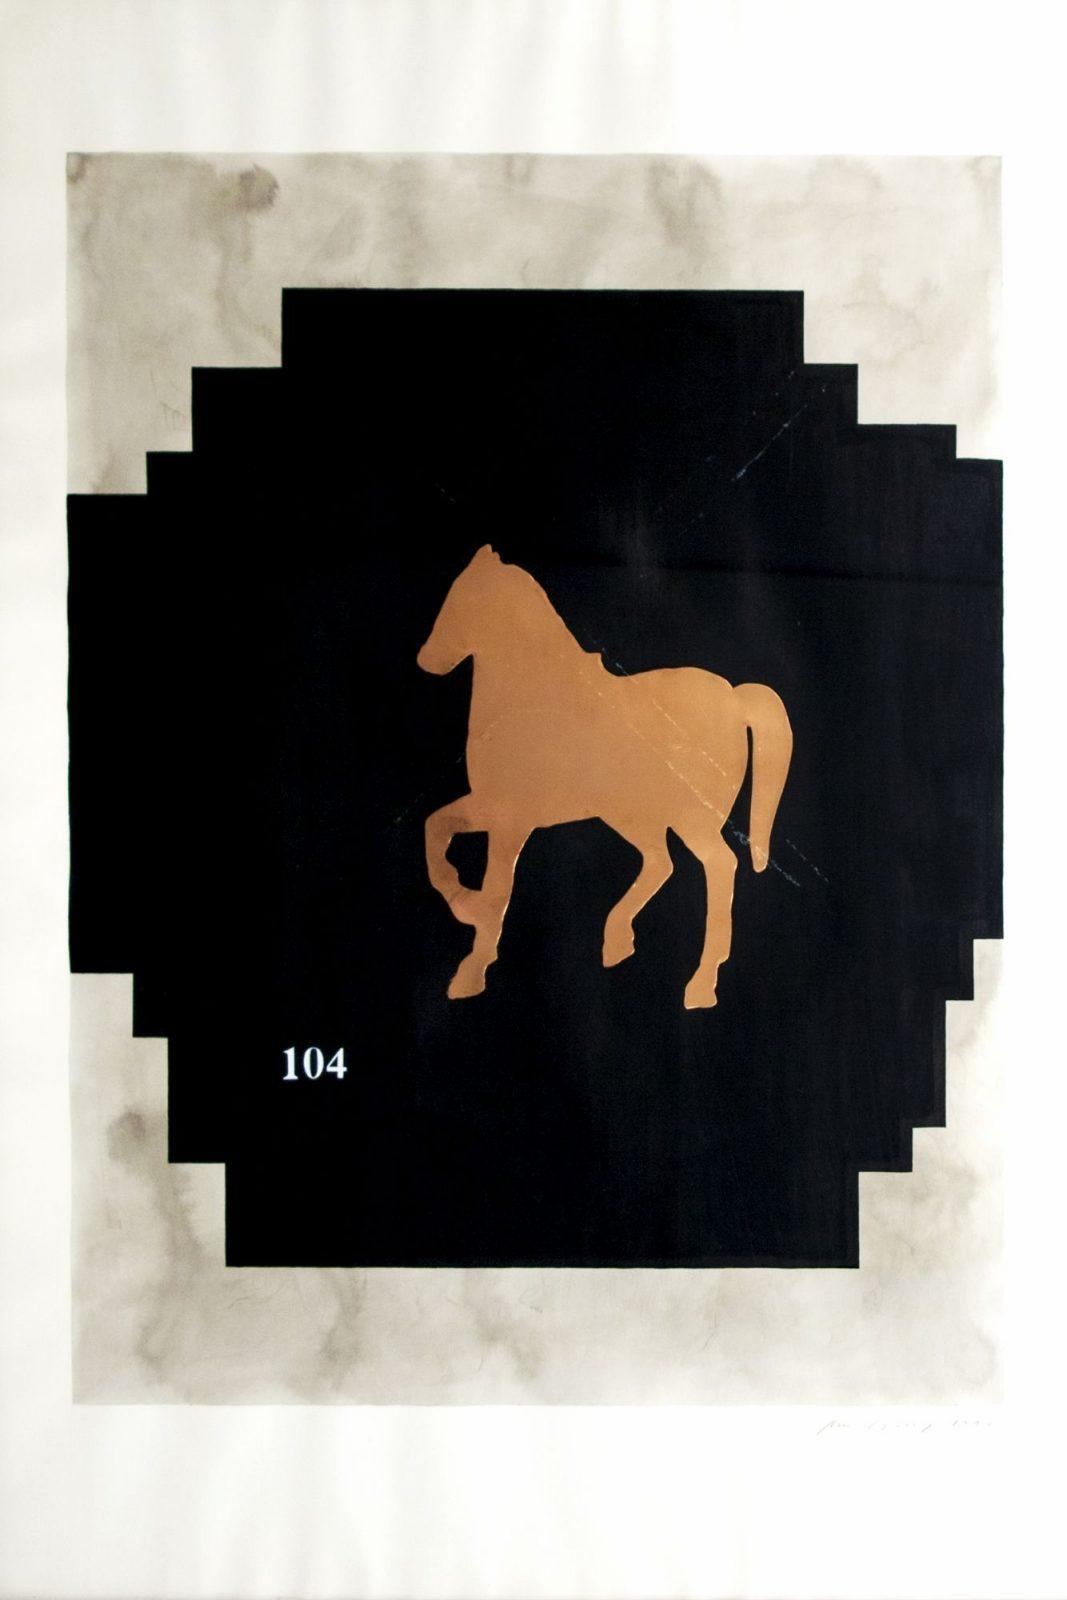 László Mulasics: Untitled 104